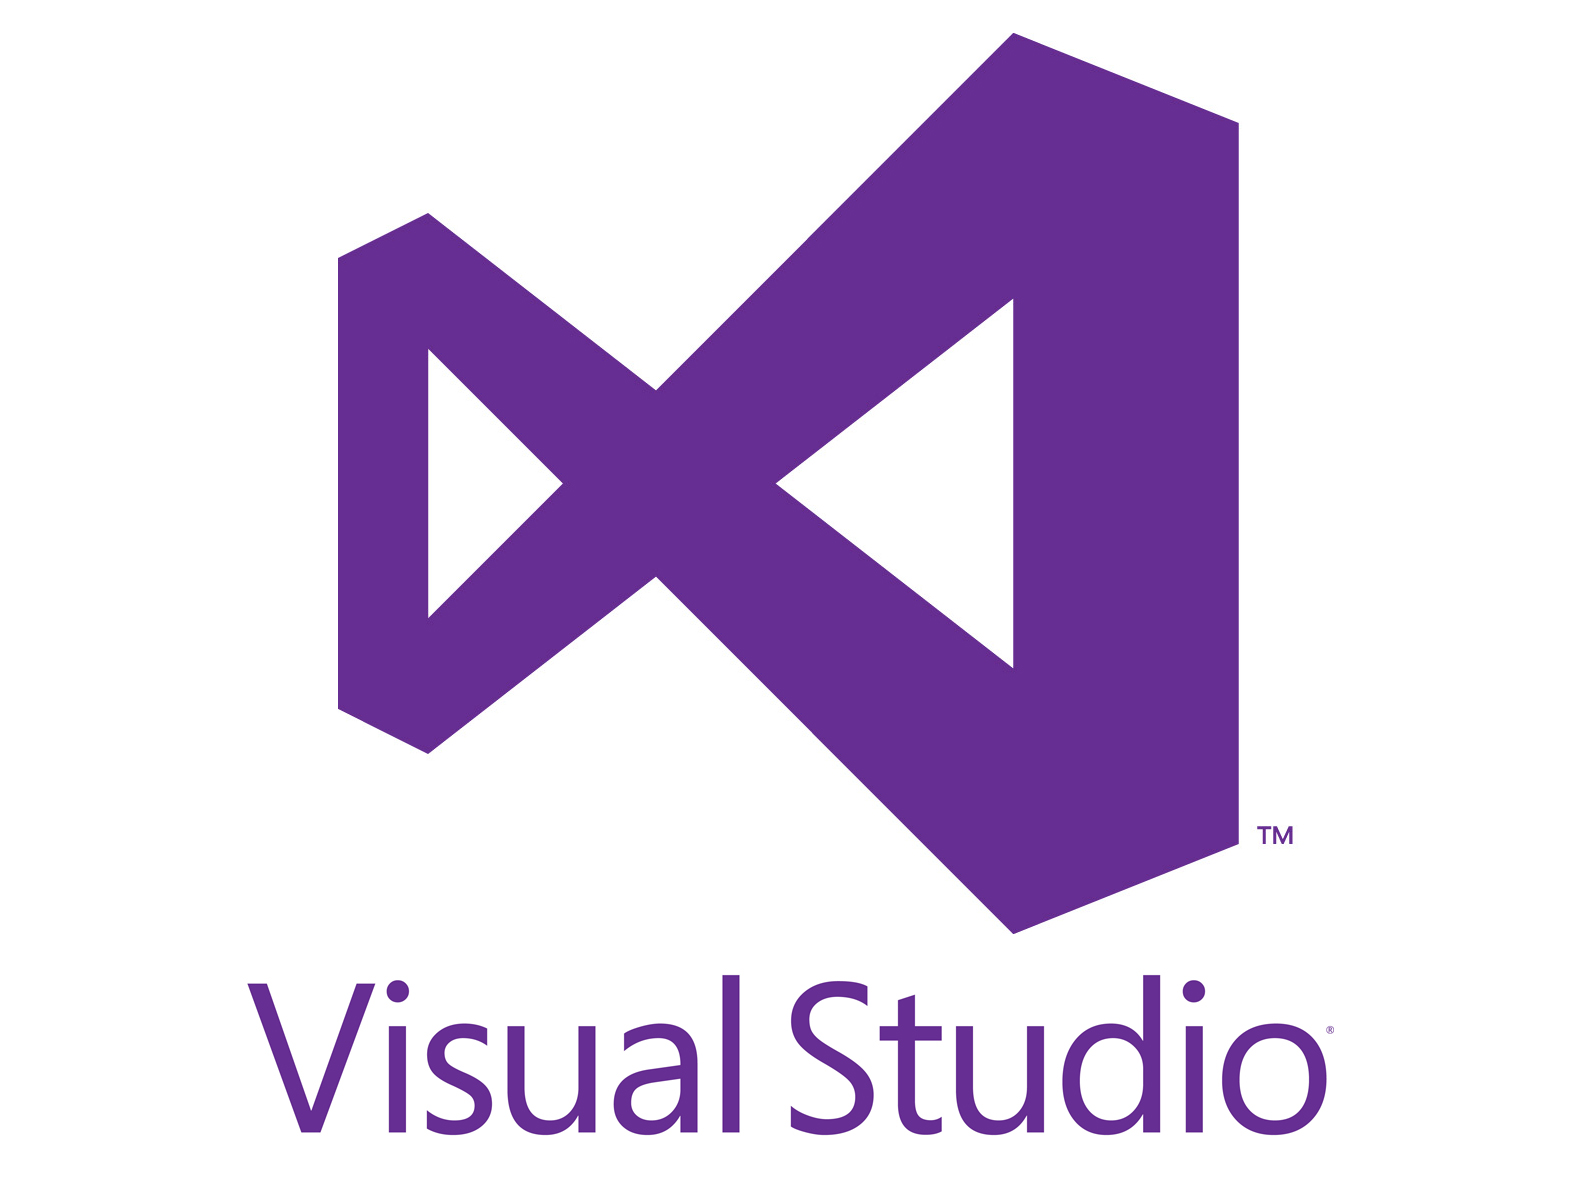 Преимущества Visual Studio